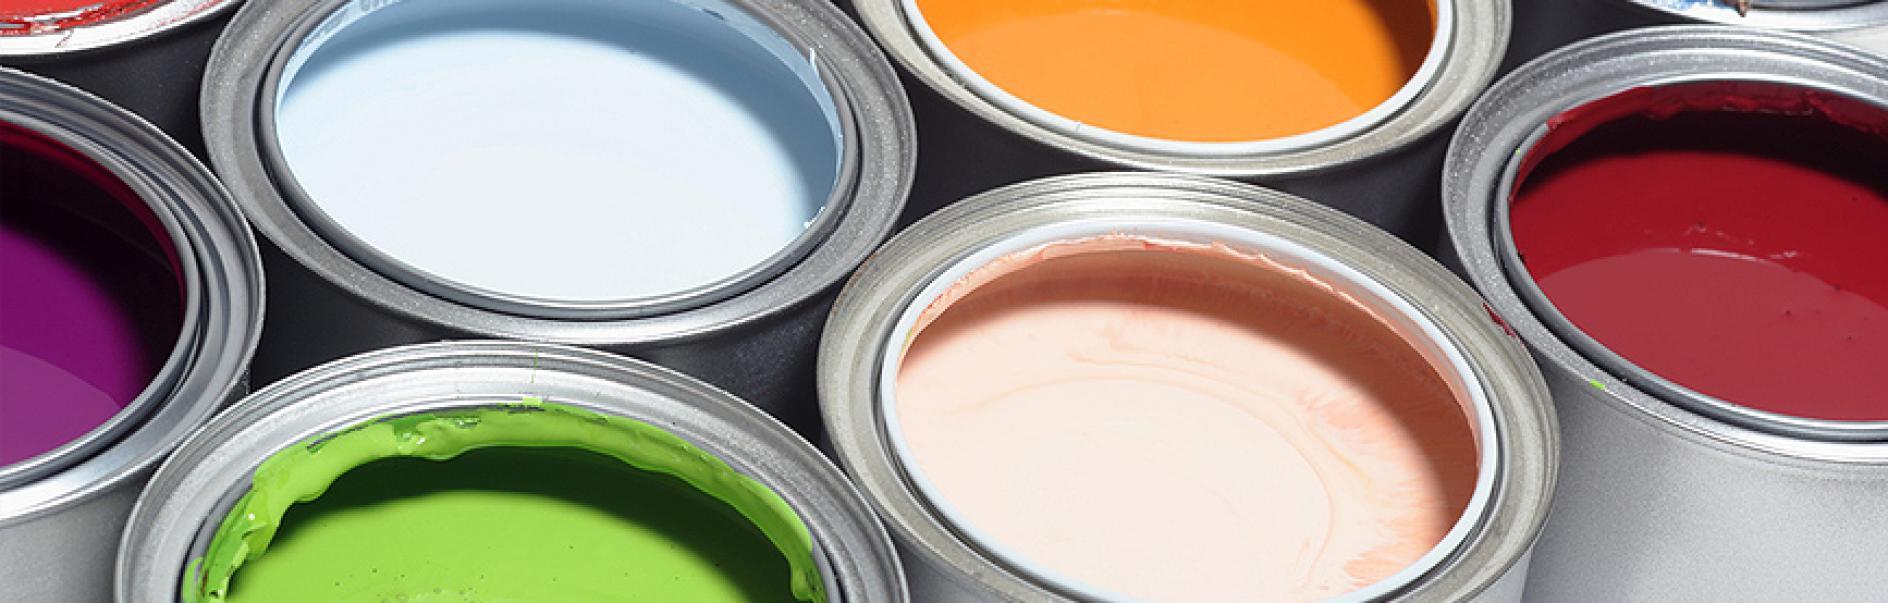 Migliore Marca Pittura Per Esterni tipi diversi di vernice e smalto